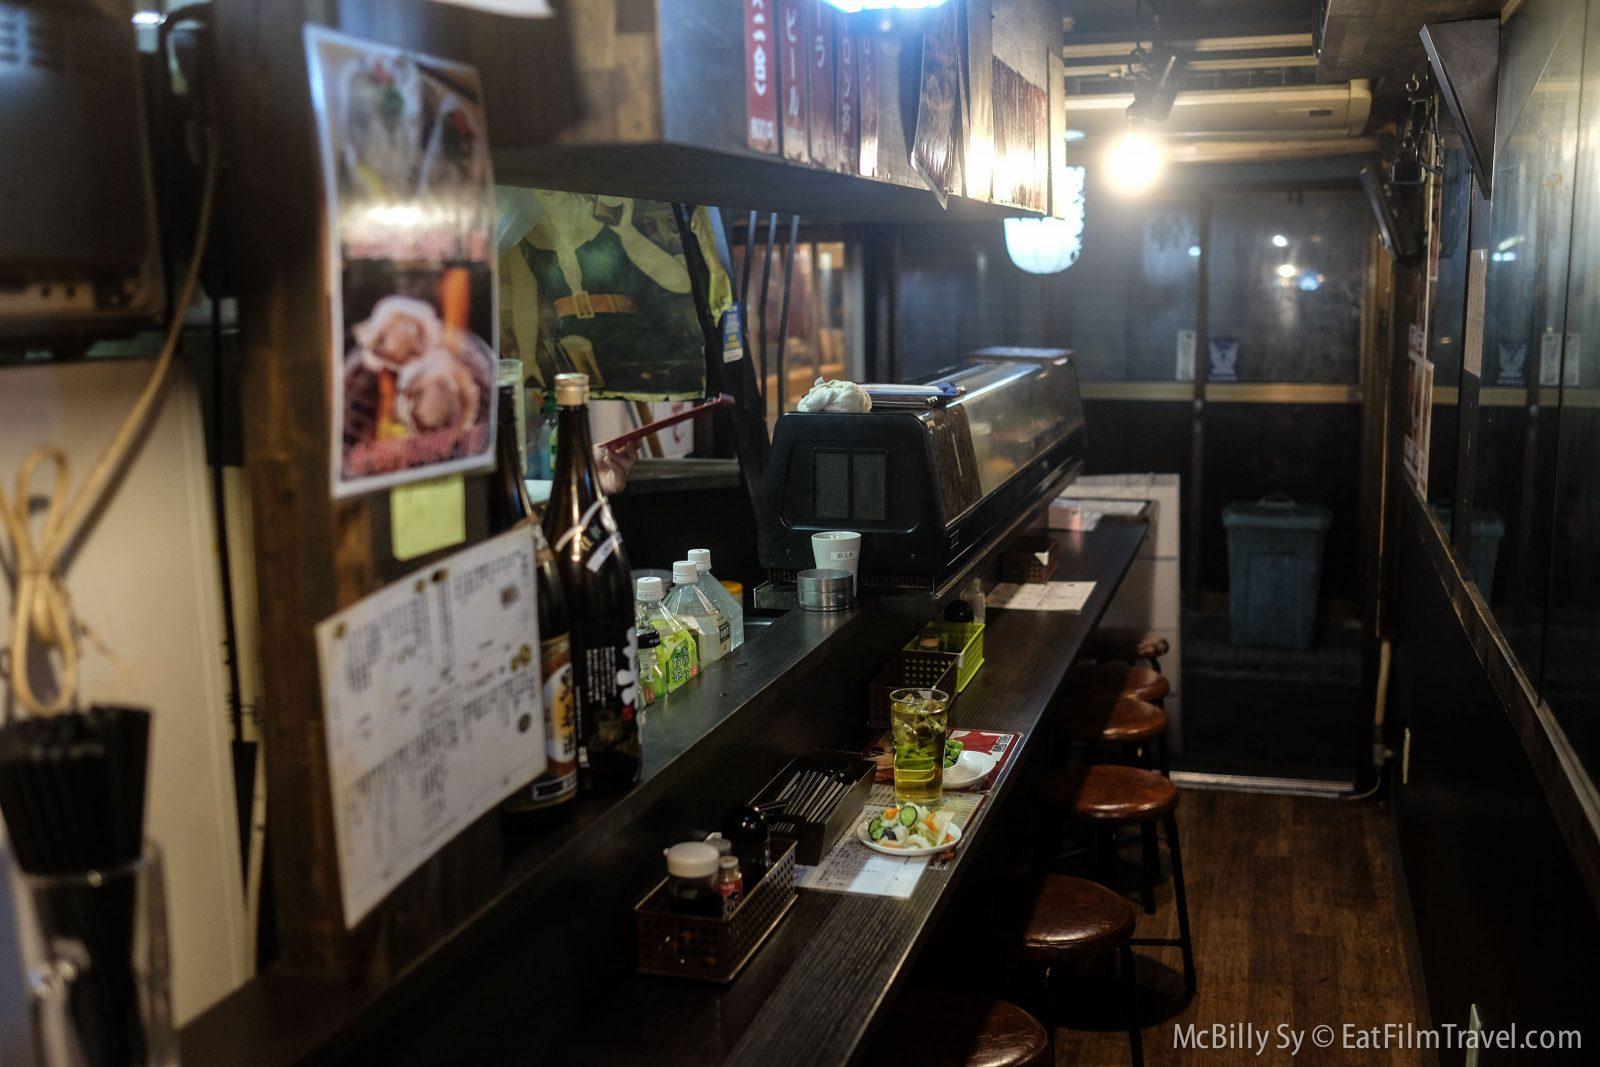 Interior of Yakitori restaurant